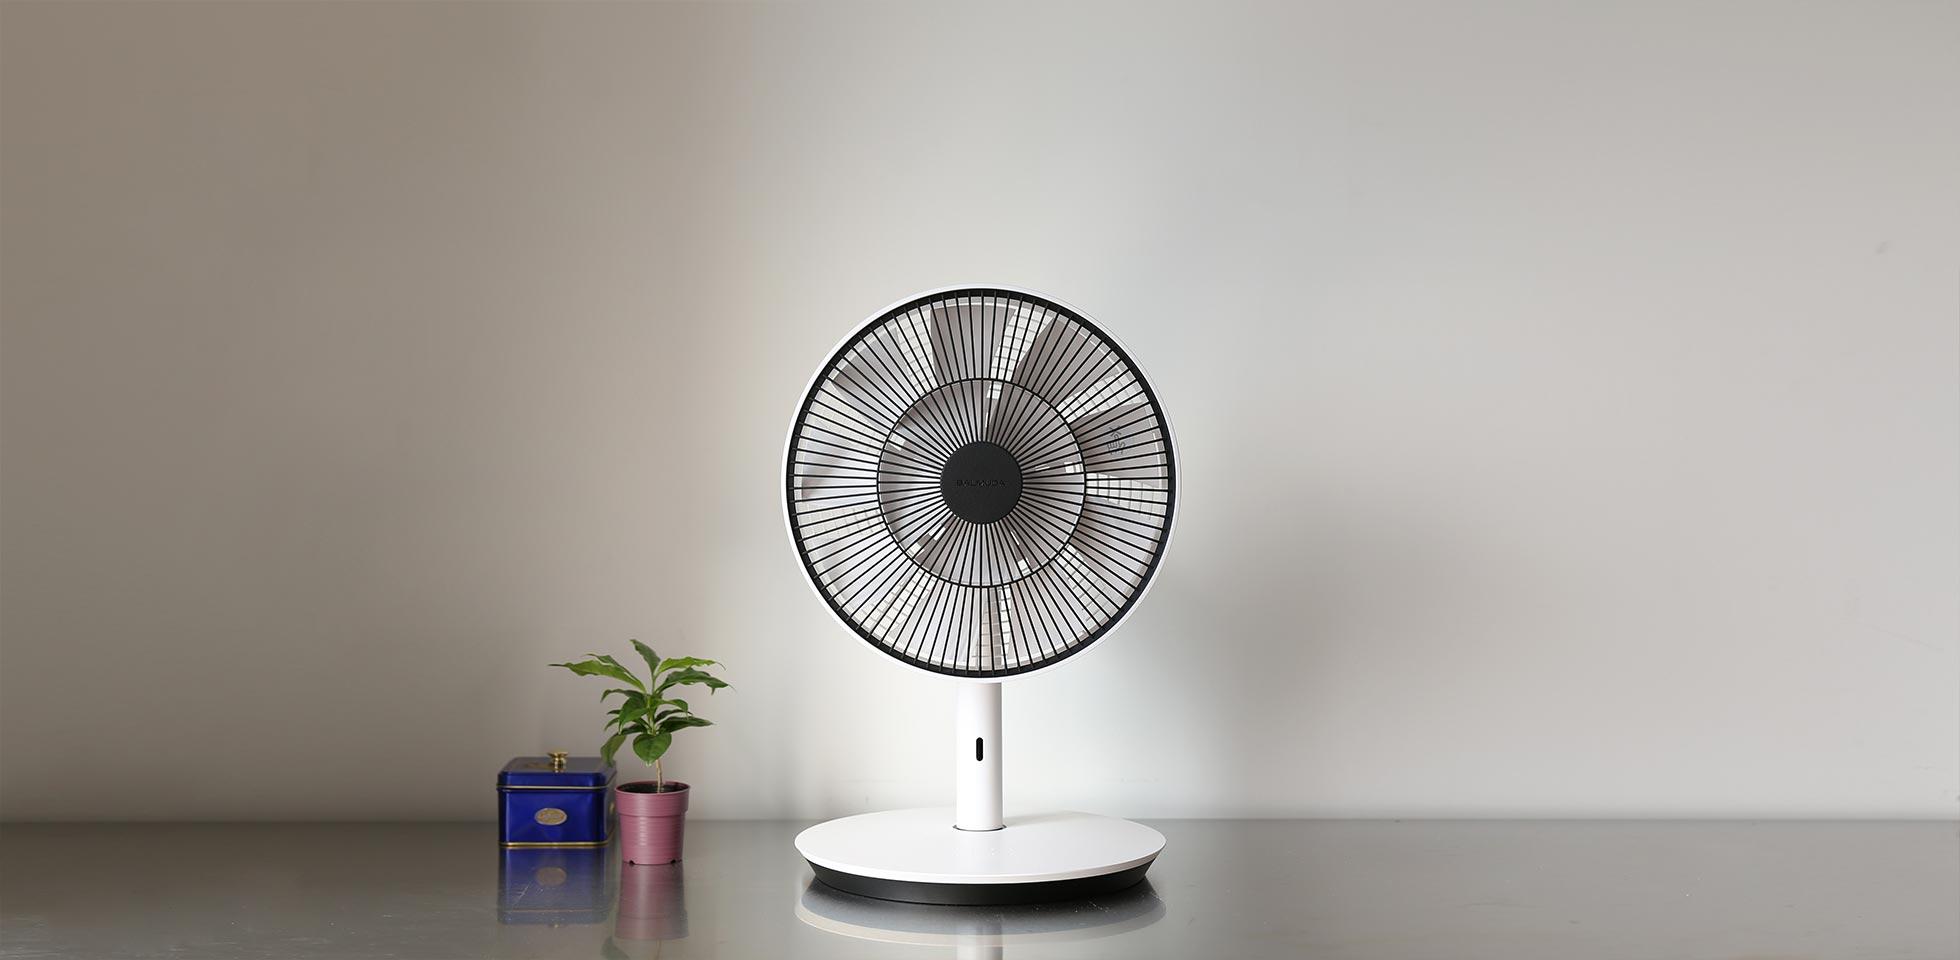 自然の風を生み出す魔法!冬も使えるバルミューダの扇風機の魅力のサムネイル画像